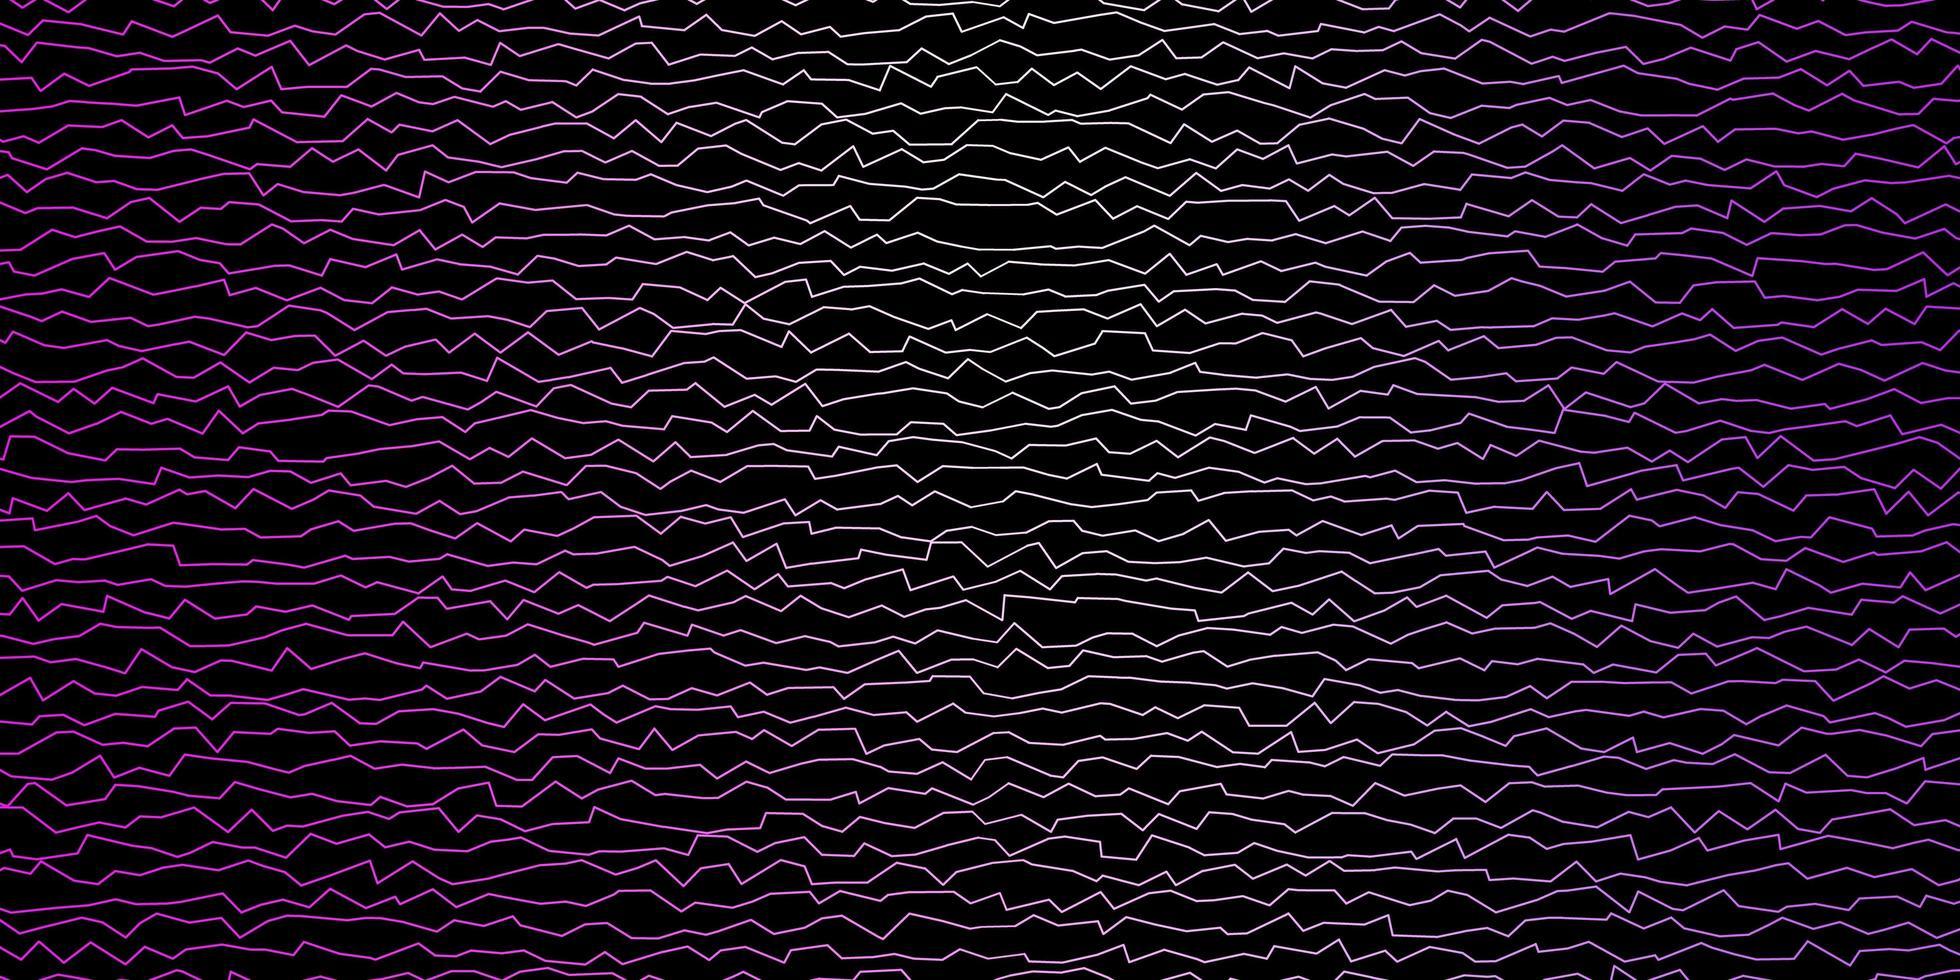 modello vettoriale viola scuro, rosa con linee ironiche.